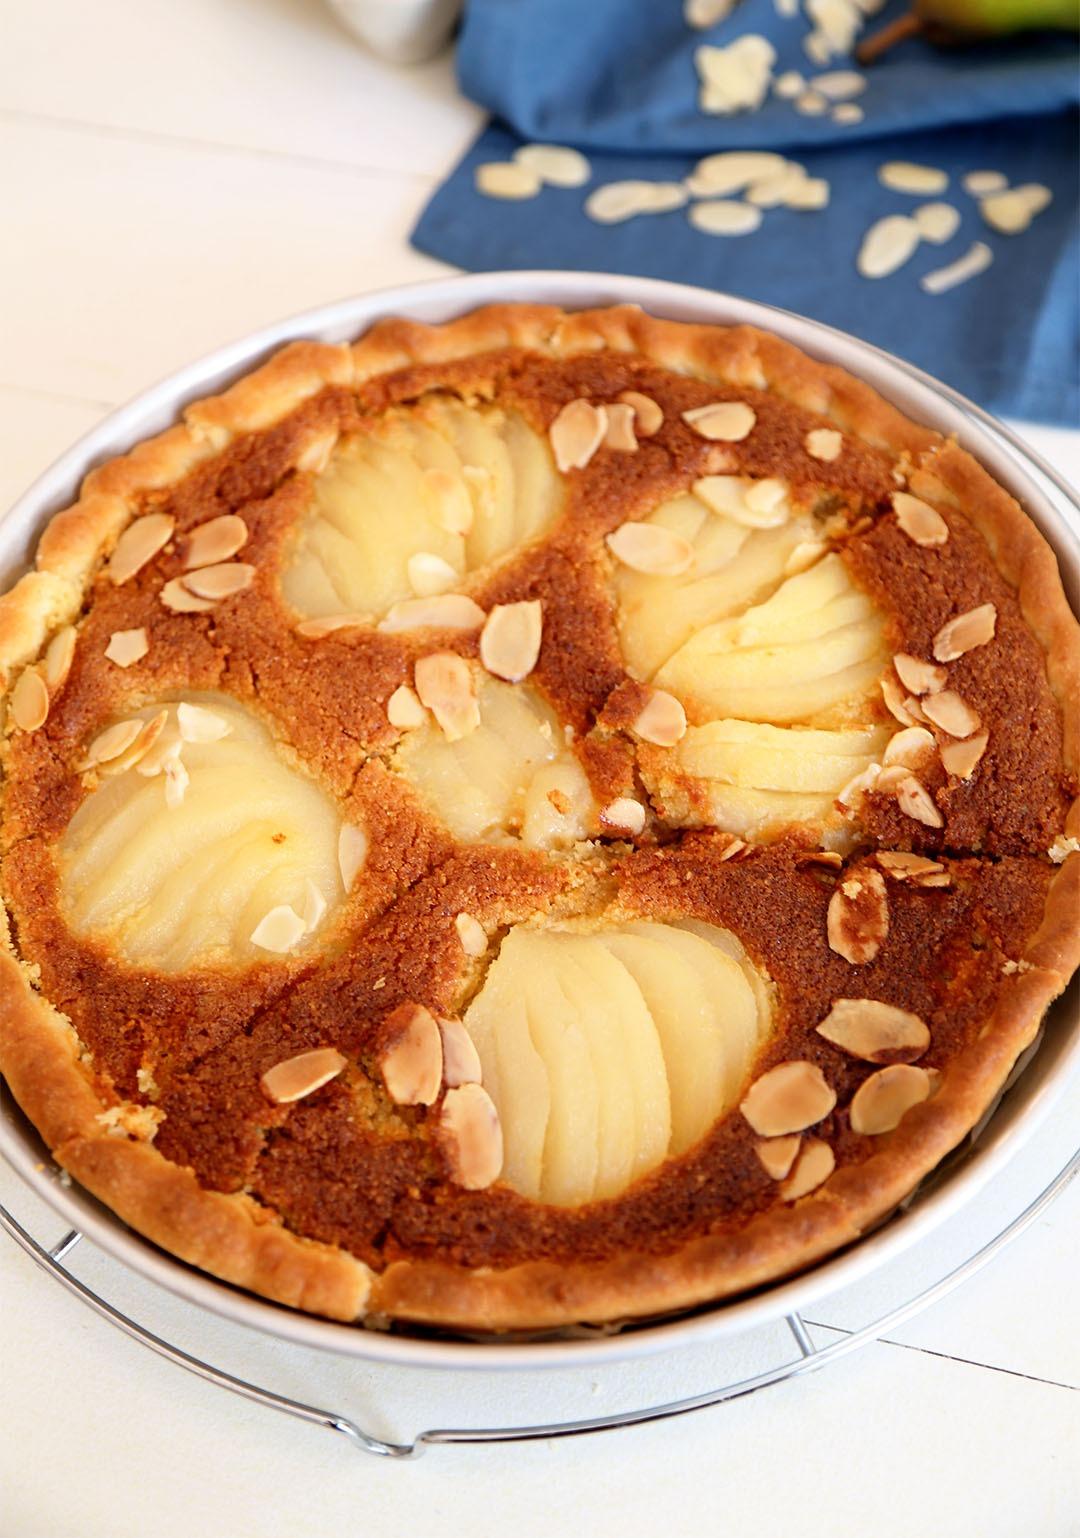 Paso a paso: ¿cómo preparar una tarta de pera bourdaloue?